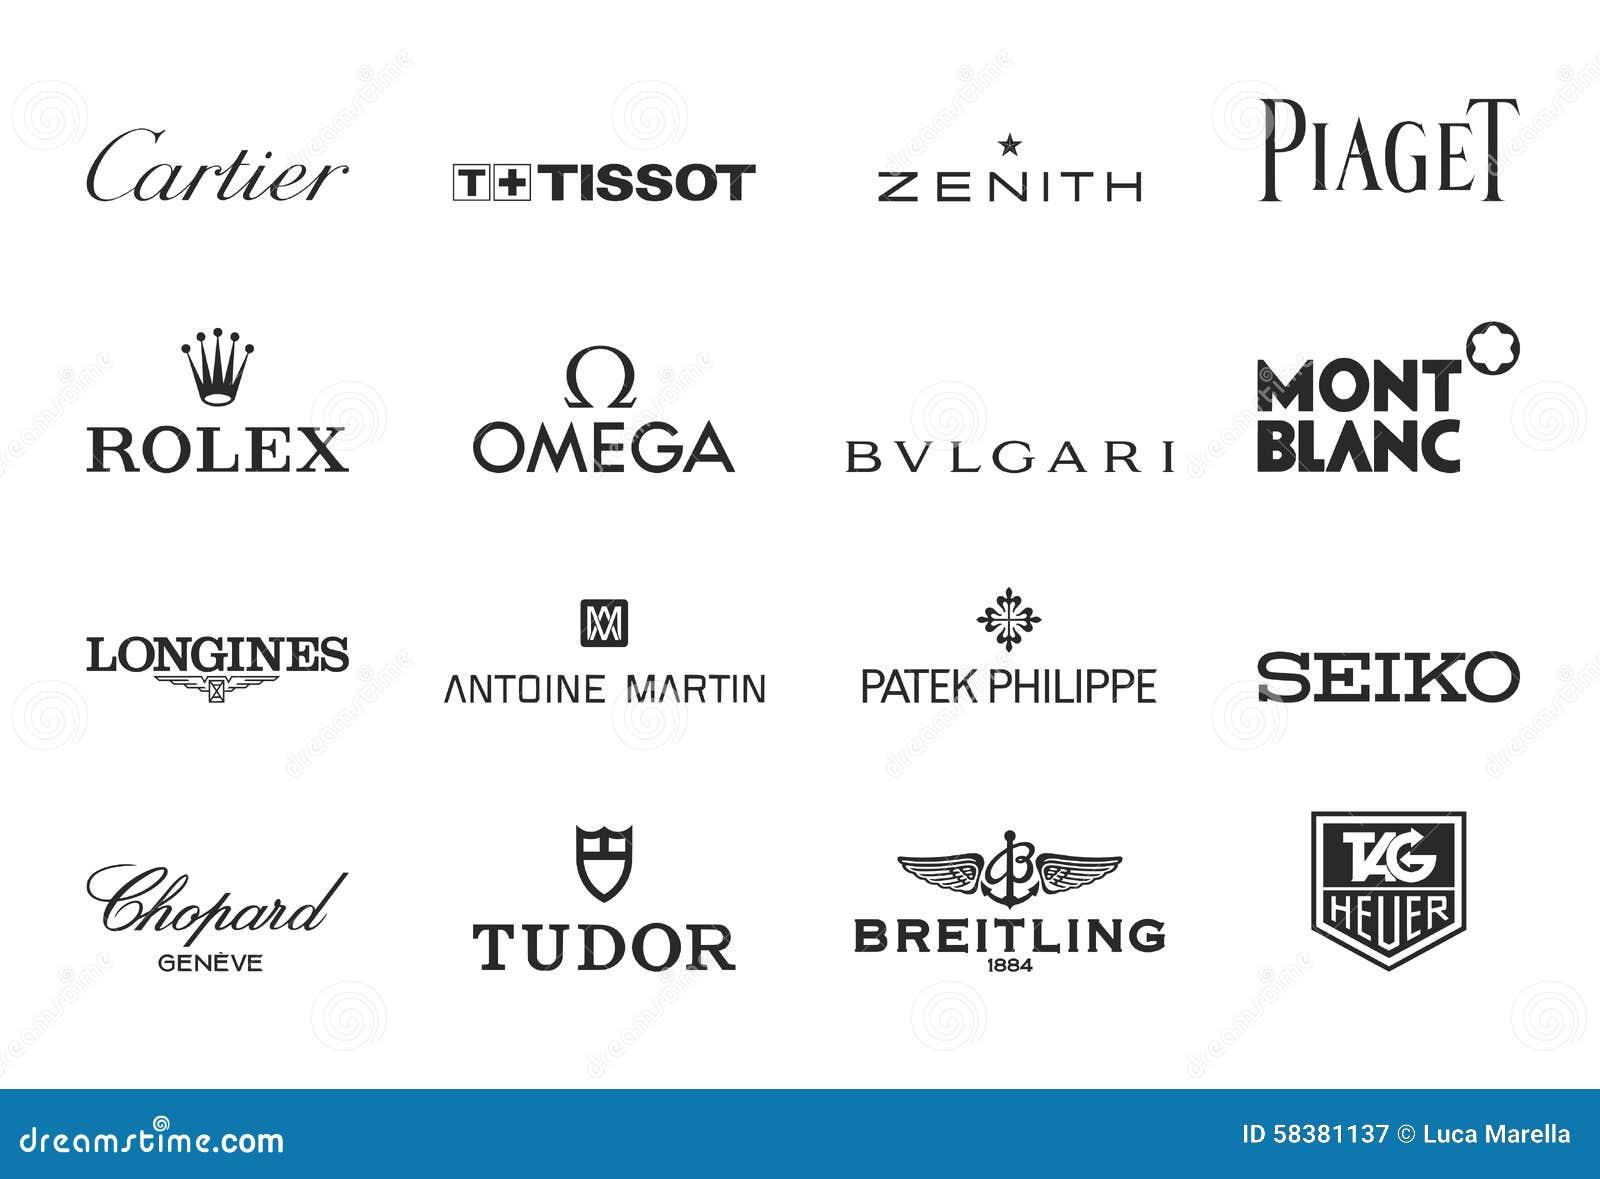 豪华观看商标 图库摄影片 插画 包括有 豪华 珠宝 界面 消耗大 Piaget 图象 徽标